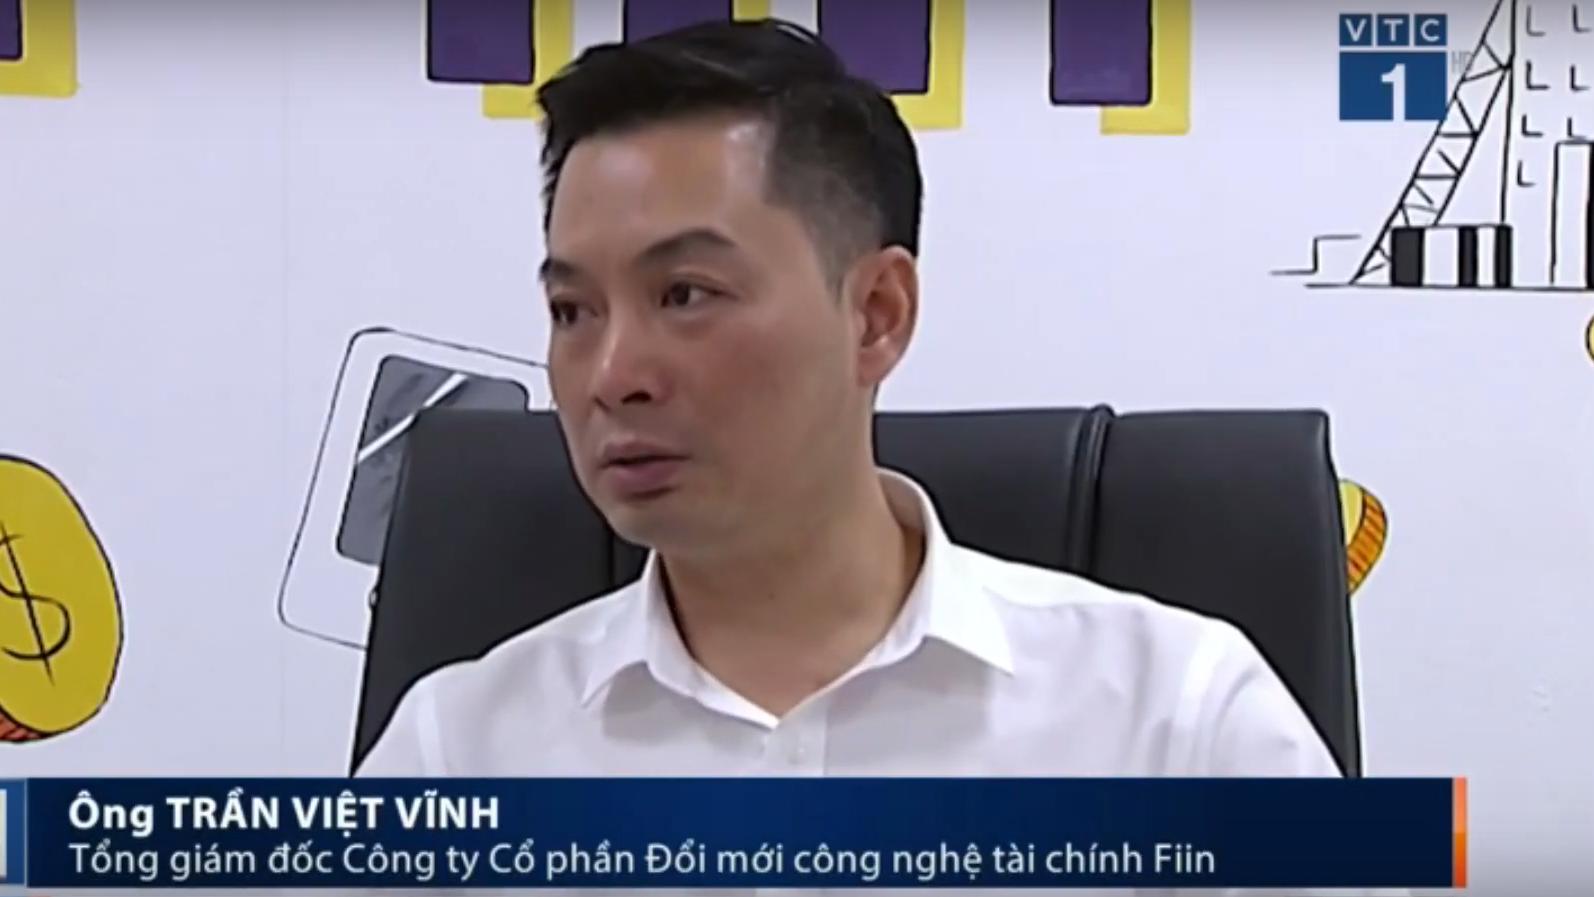 Công ty cổ phần đổi mới công nghệ tài chính Fiin là doanh nghiệp Fintech Việt Nam chân chính